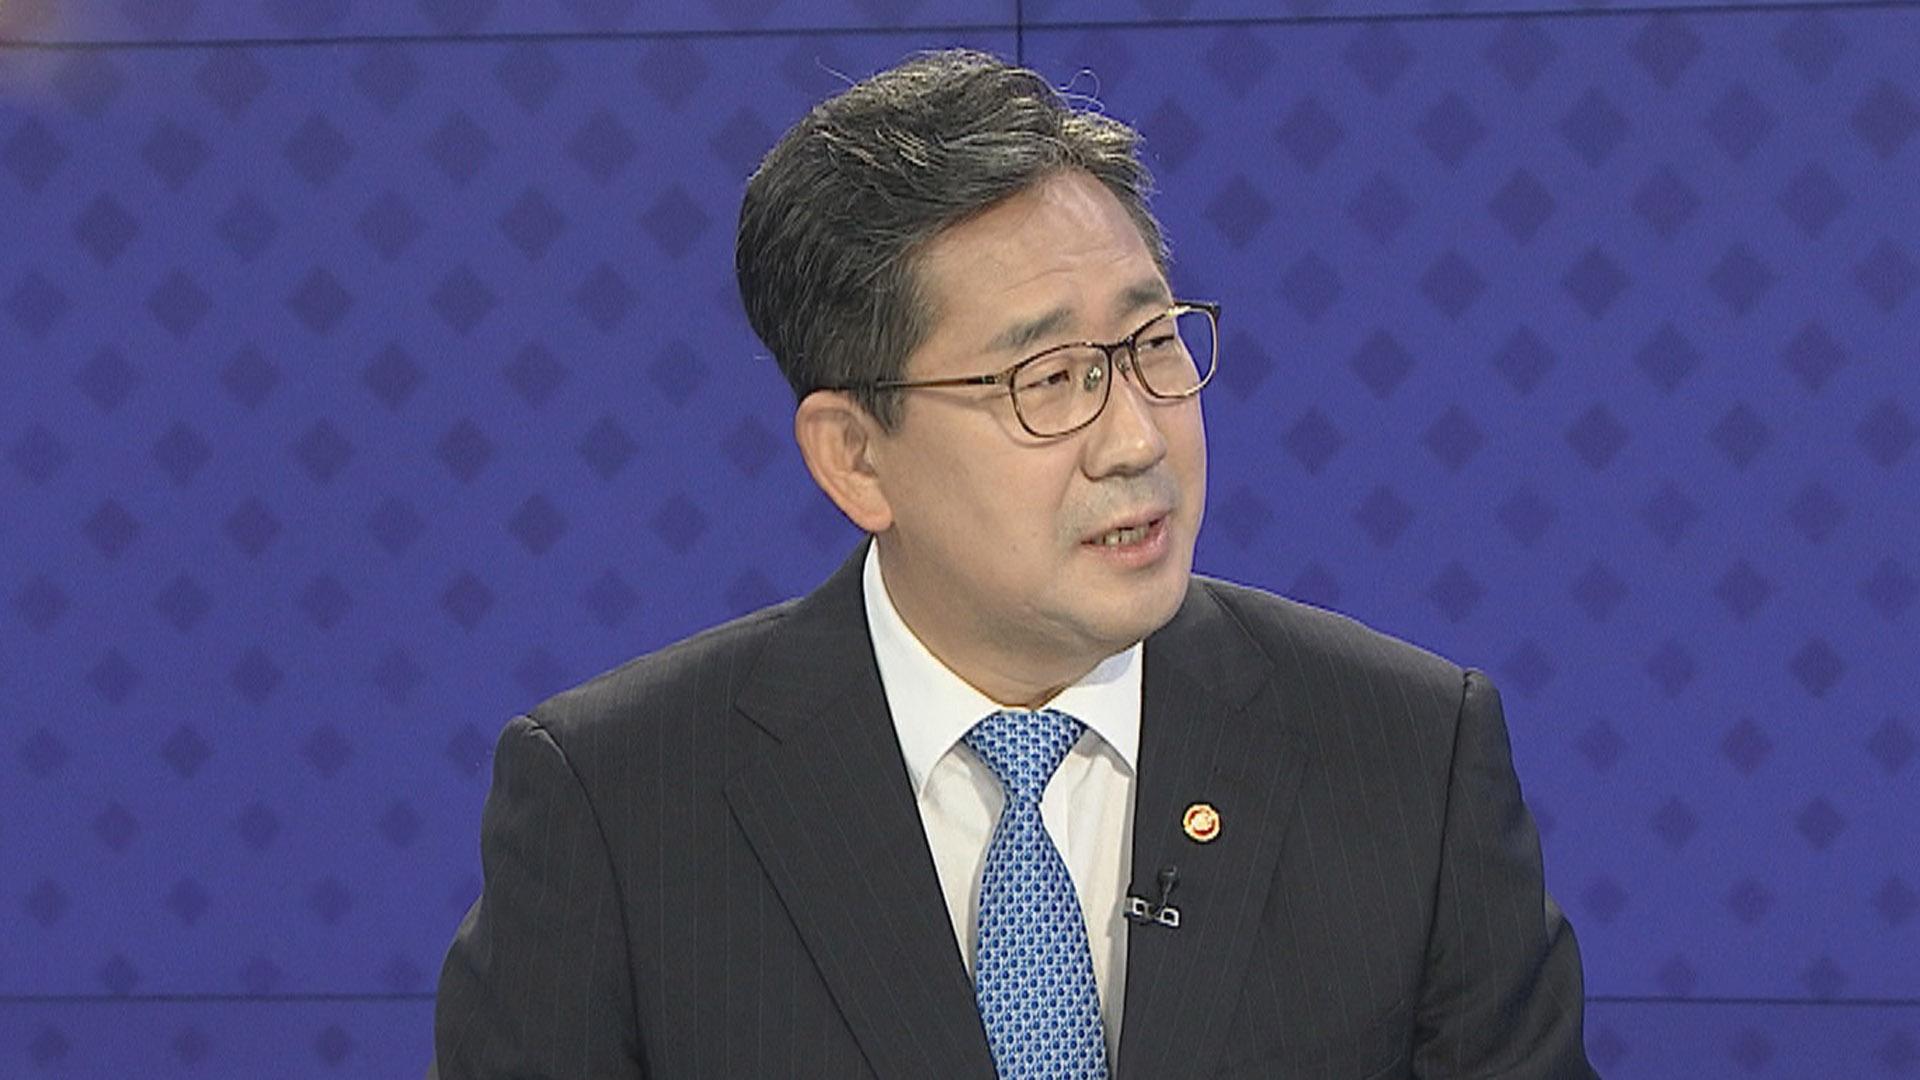 [1번지 현장] 박양우 문화체육관광부 장관에게 묻는다